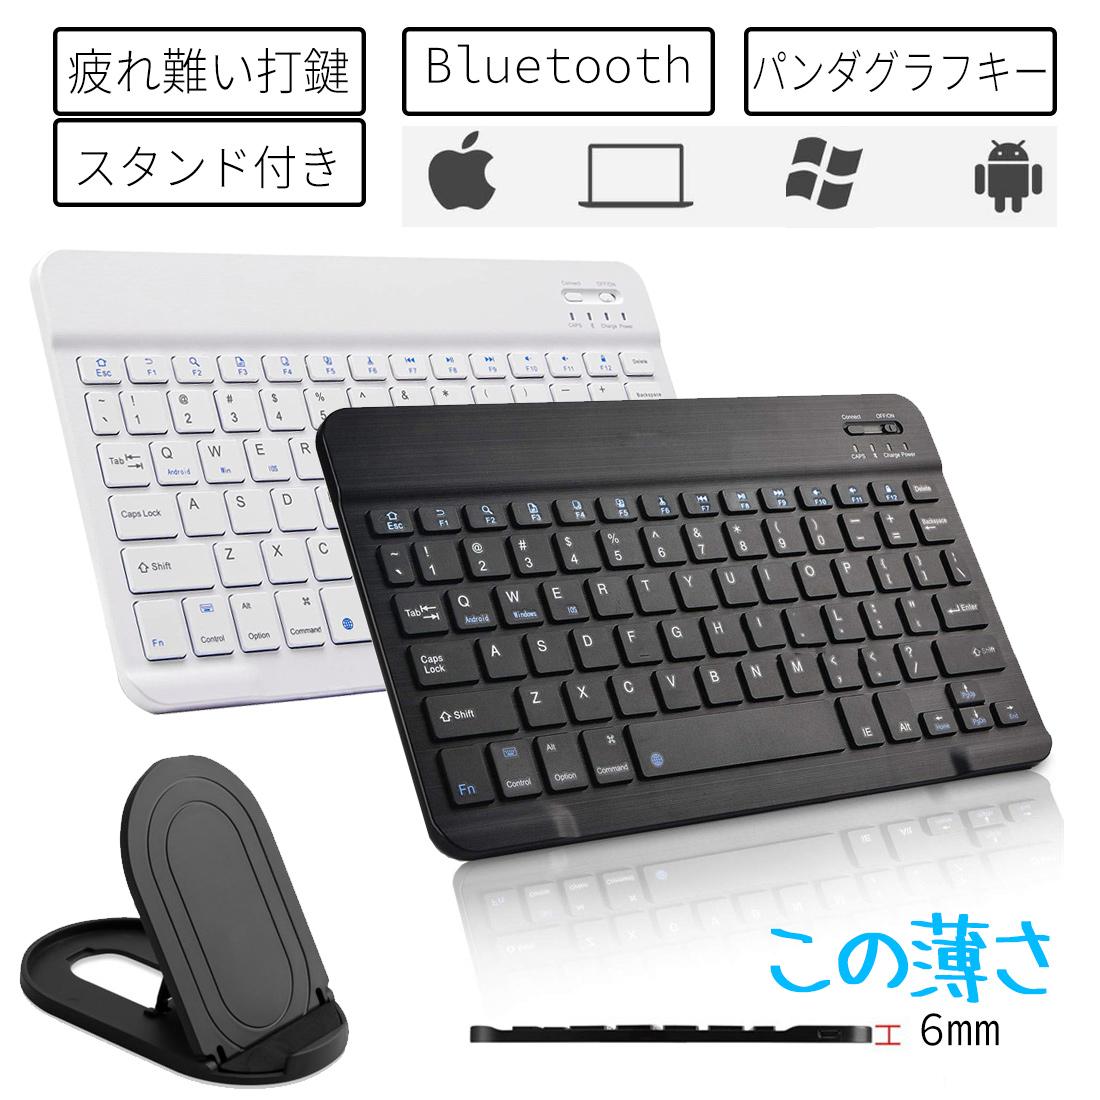 ハイクオリティ 日本語入力に特化した 薄く軽量なキーボード 充電式 キーボード 6列のキー配列で 入力がとっても便利 ipadキーボード 安全 Bluetoothキーボード ワイヤレス iPad用キーボード スリム 軽量 薄型 スタンド付 持ち運び iOS 用キーボード ブルートゥース あす楽 iphone windows コンパクト マルチキーボード iPad 充電式キーボード Android マウス